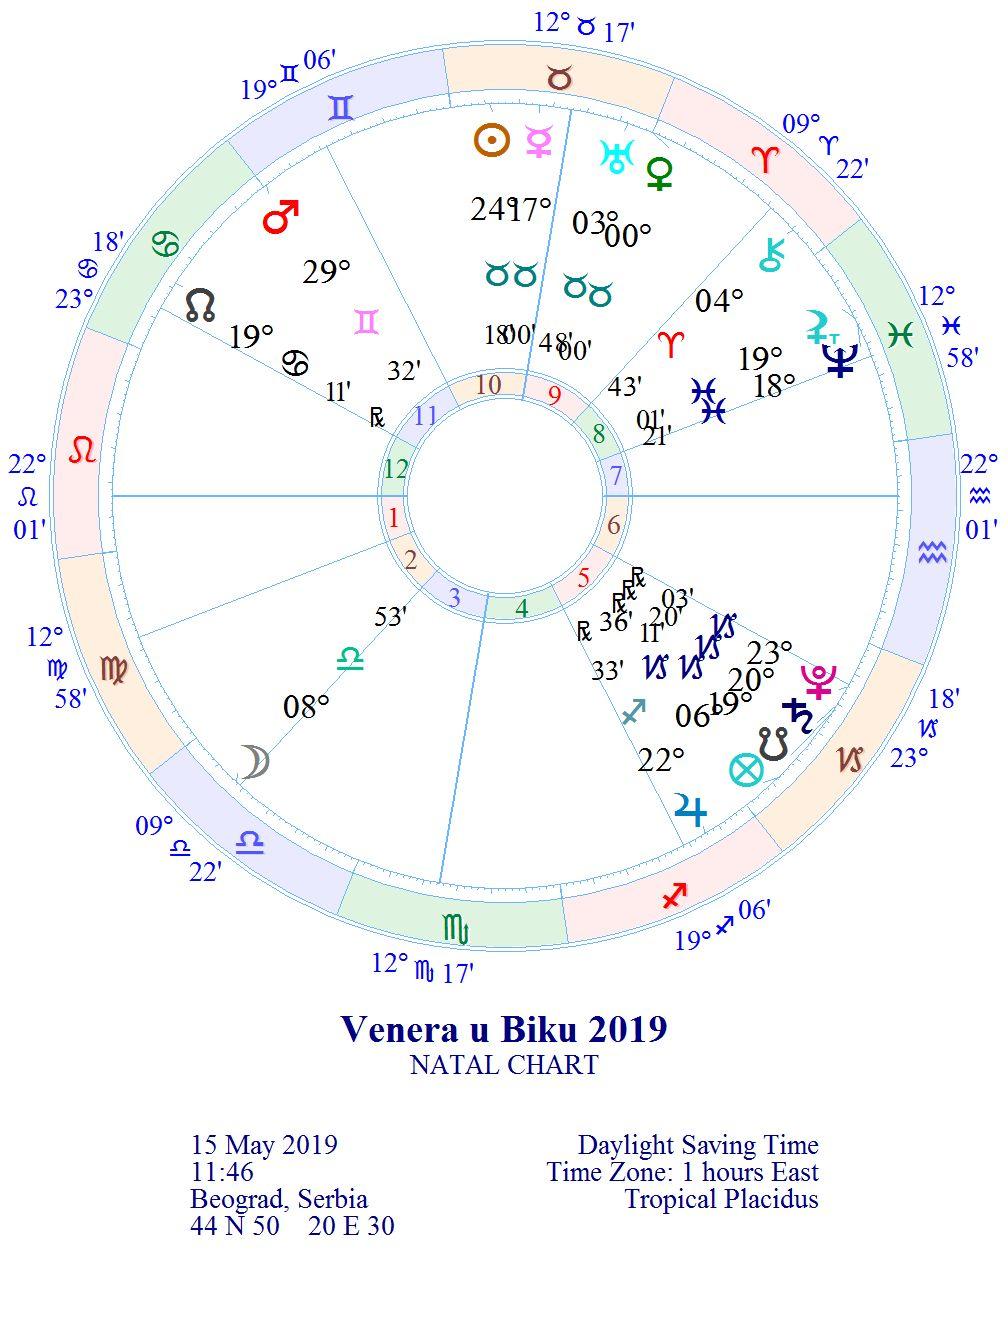 Venera u tranzitu kroz zodijački znak Bika